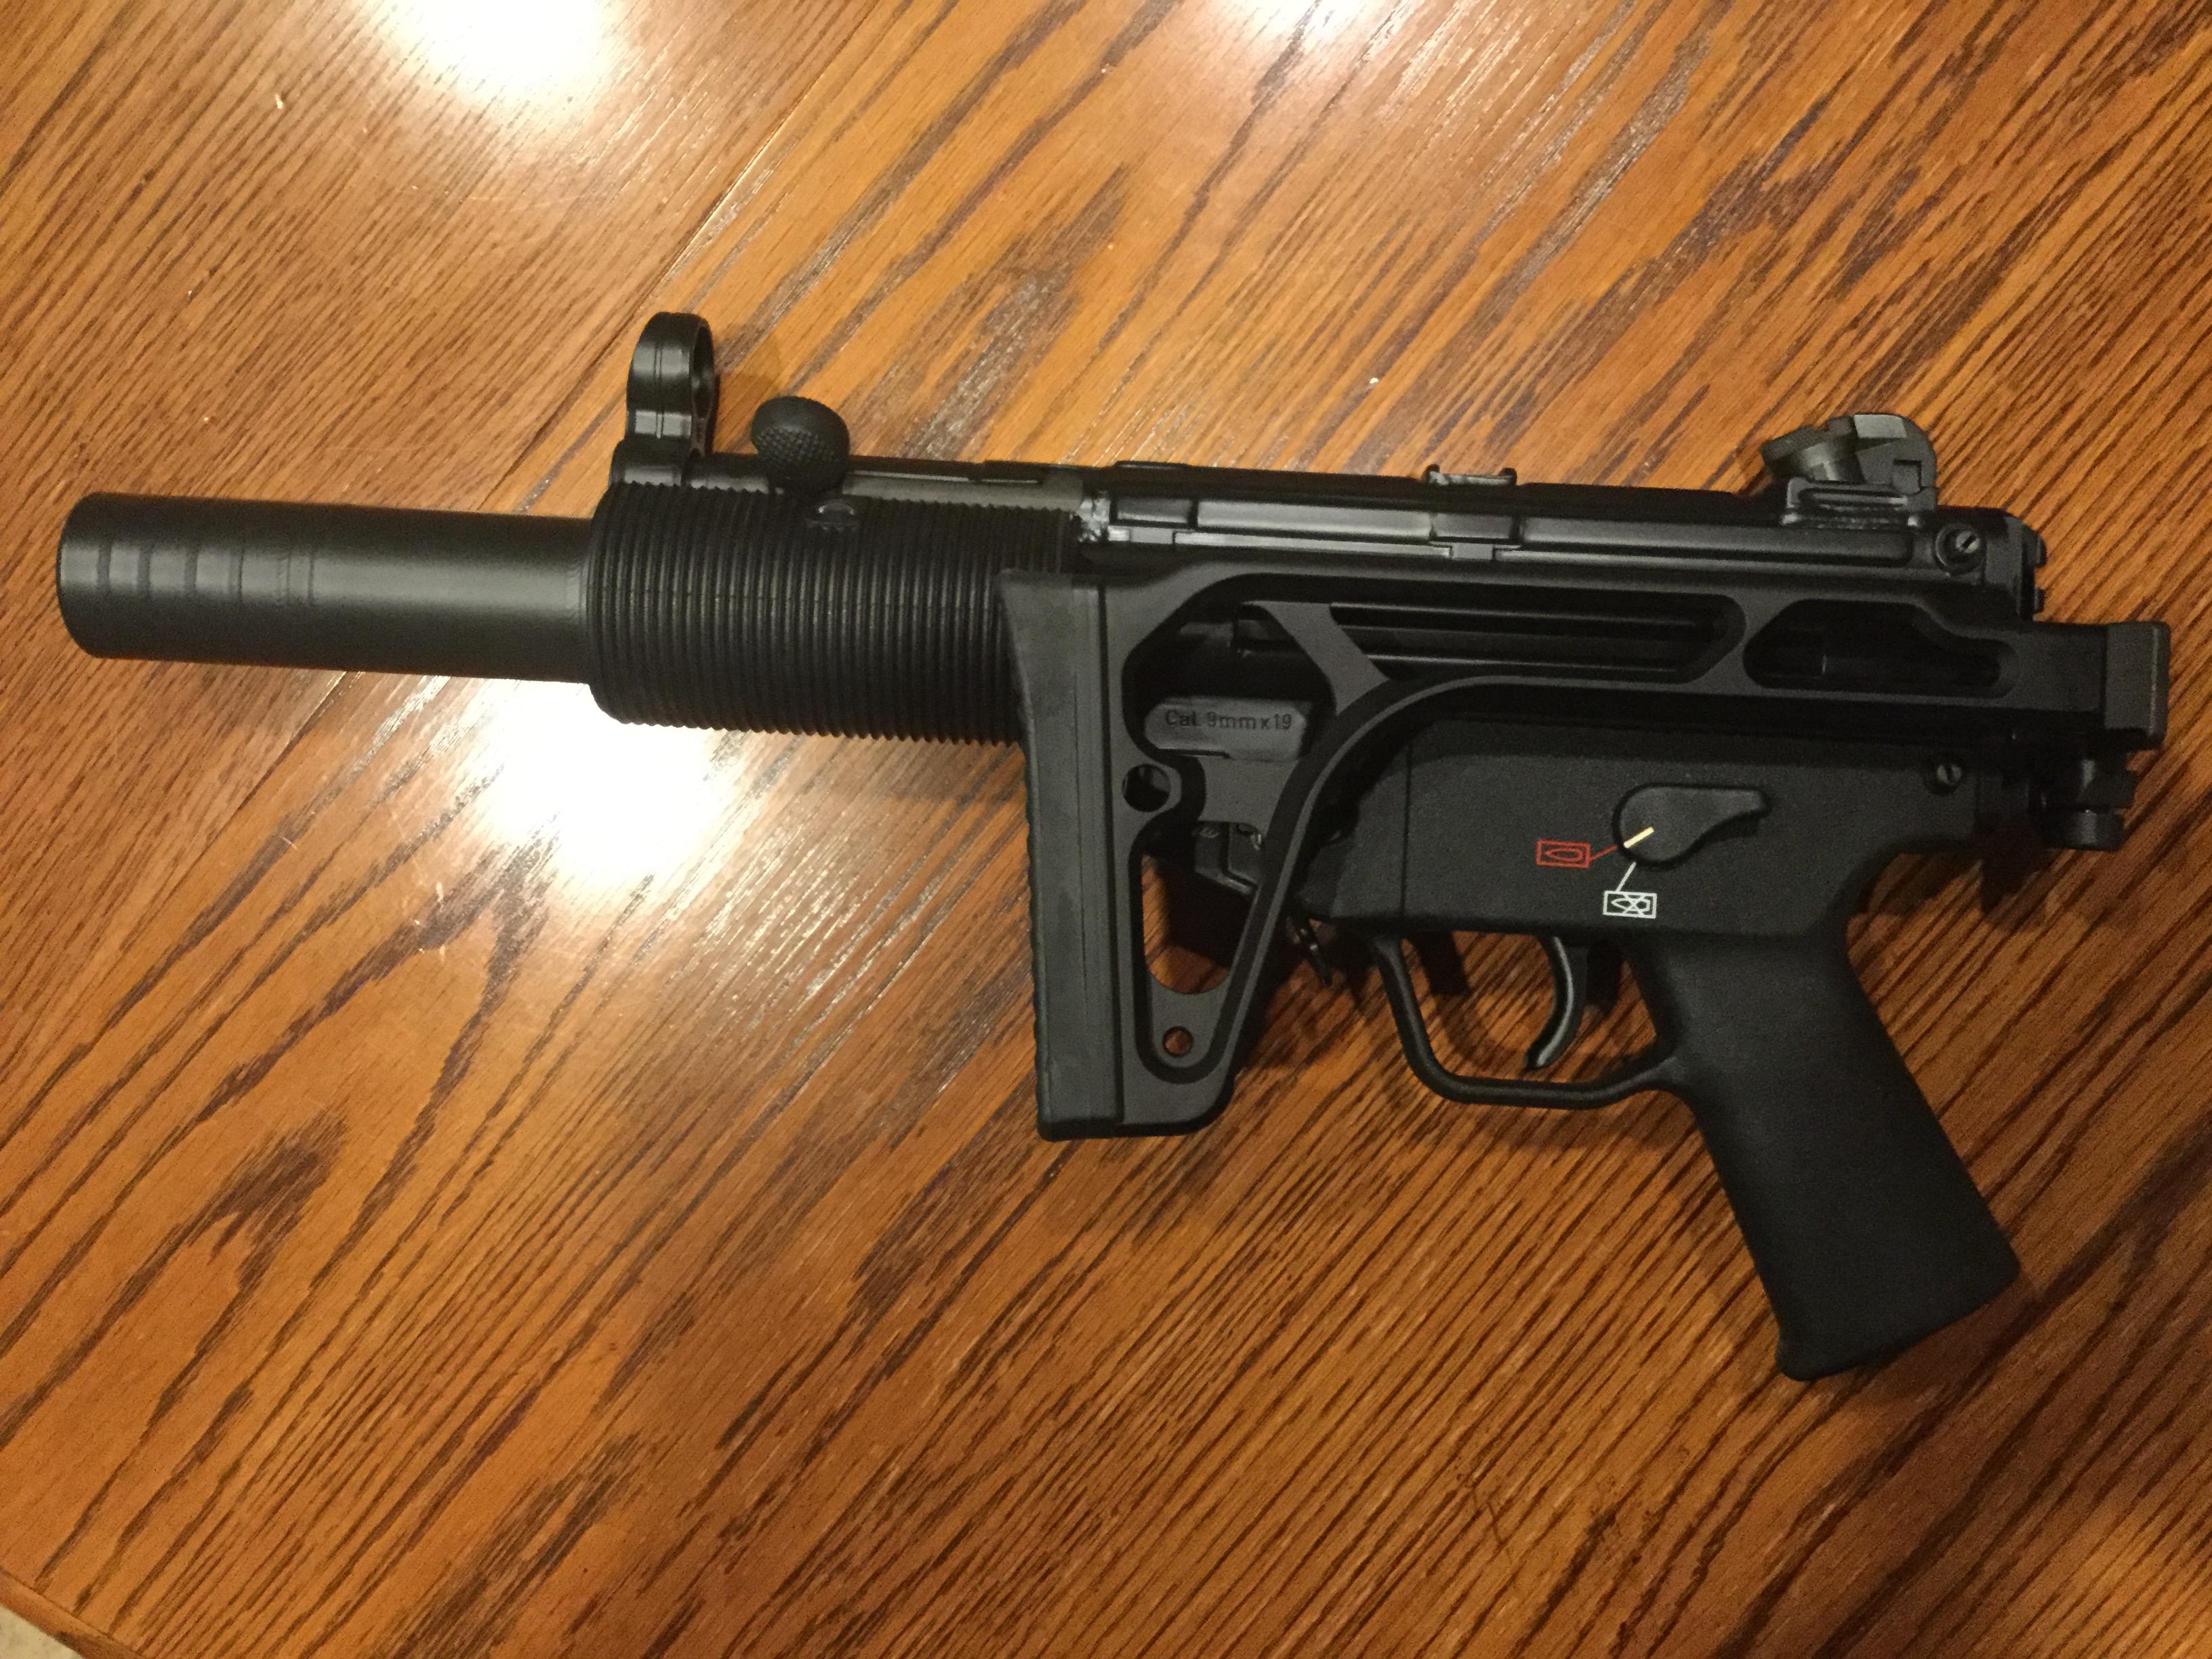 HK SP5K to MP5KSD conversion-eadb1ce2-abb5-487b-9c61-9552f77b1f4f.jpeg